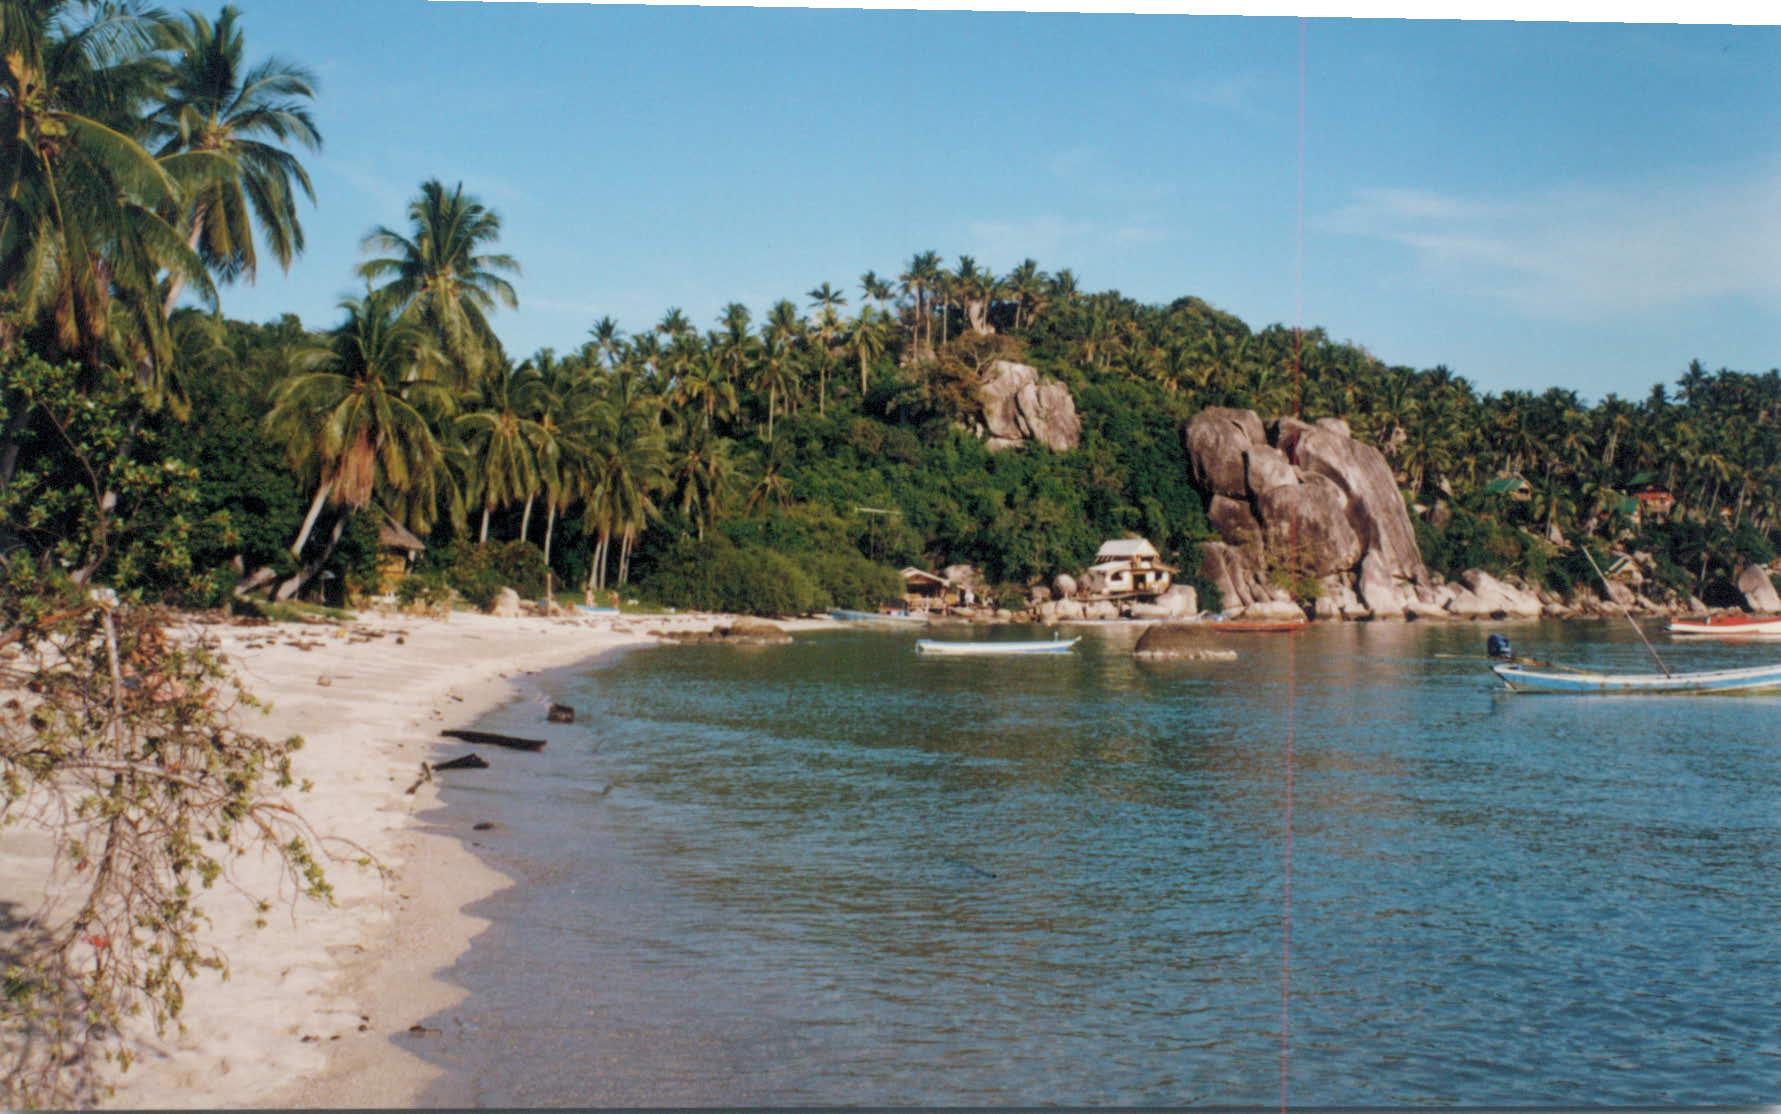 Thailand 1996-2